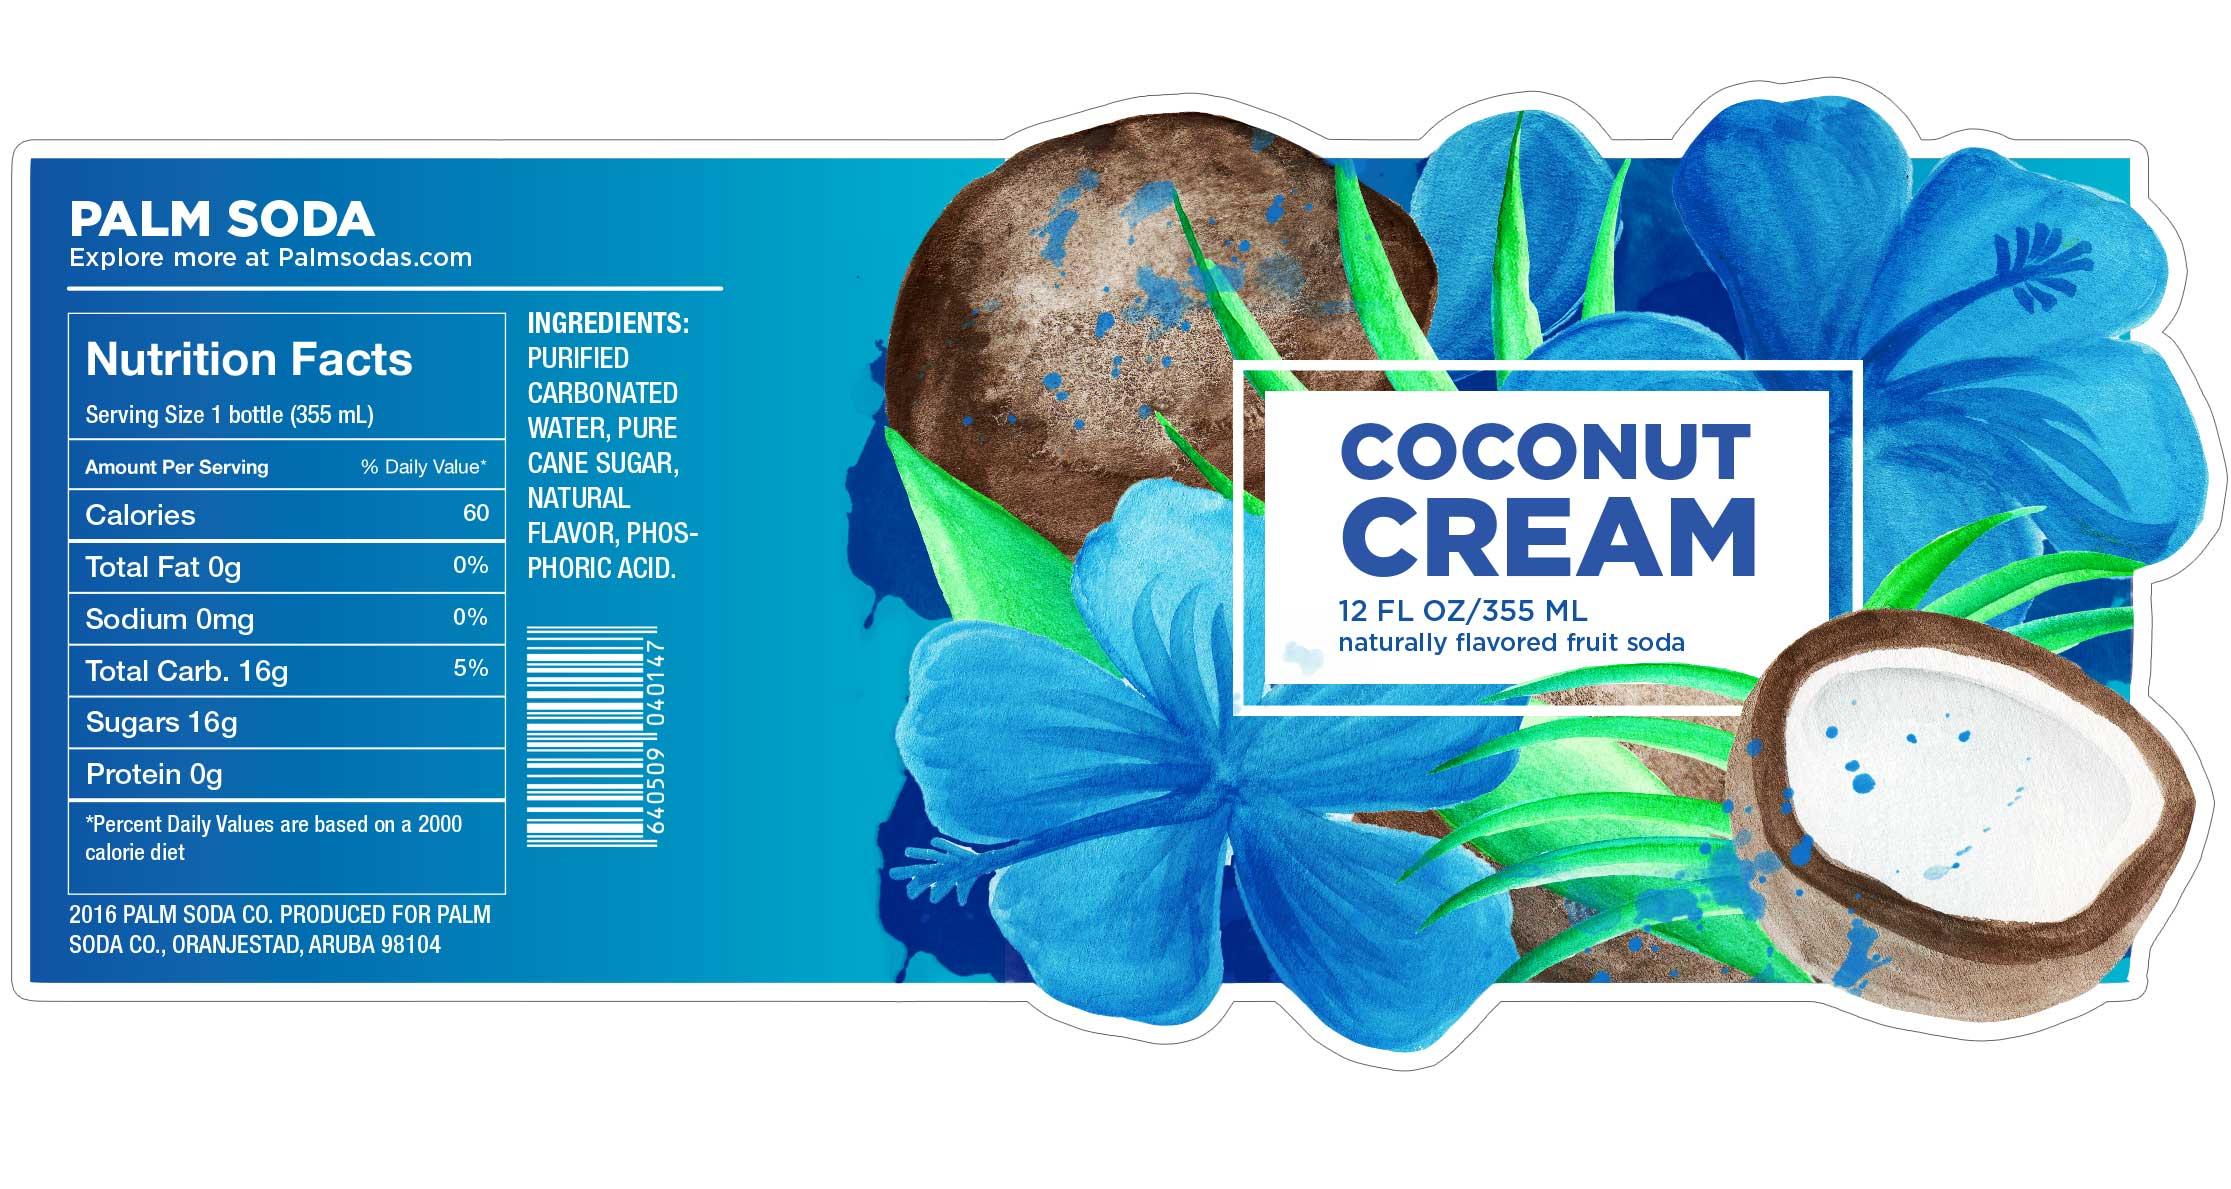 Coconut Cream Palm Soda Label